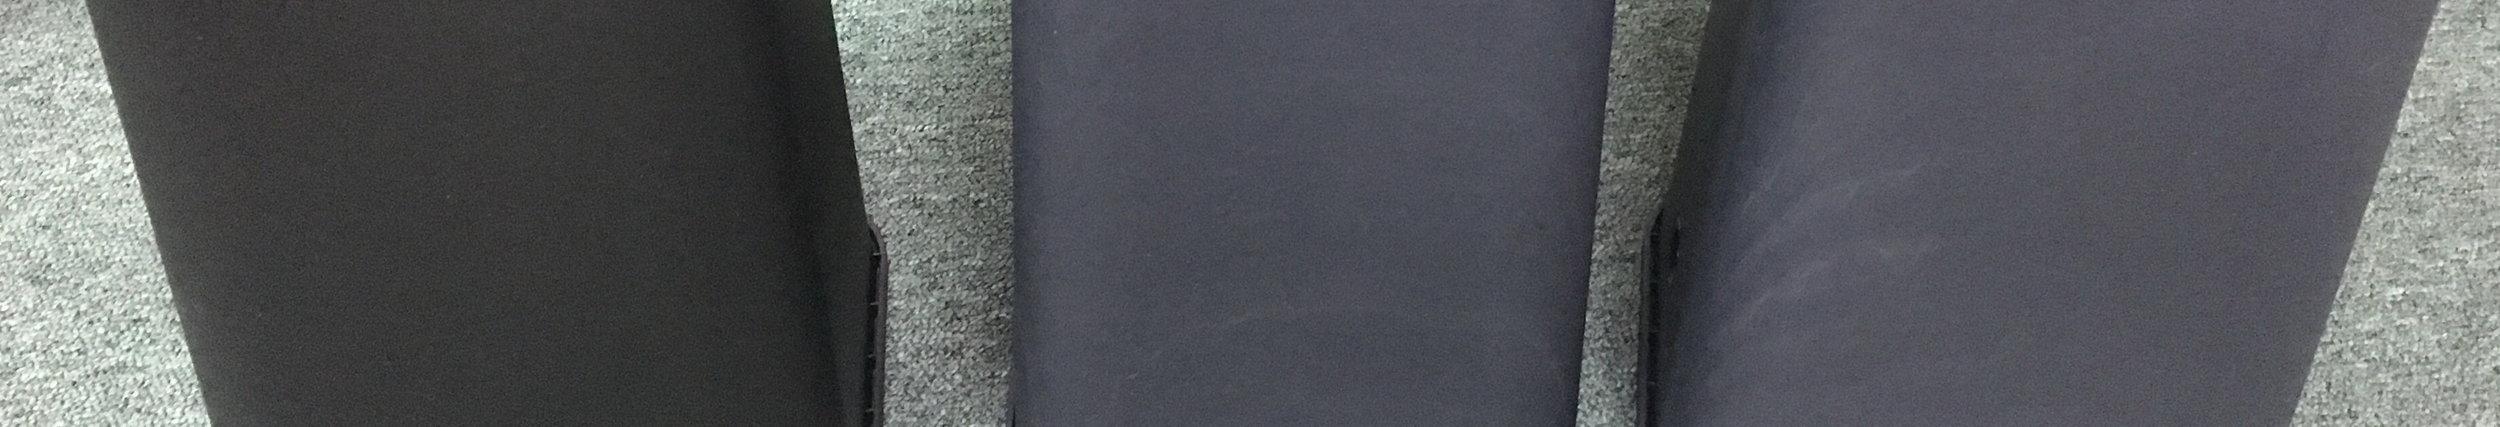 加入4%碳黑的射出產品。可以明顯看出,智昱的AS-644 (圖左)灰黑度明顯優於競爭廠商。這是因為智昱選用的綠色溴基耐燃劑是日本新型半透明結晶狀產品,與一般常用的白色粉狀耐燃劑相比,用量減半,優勢明顯。